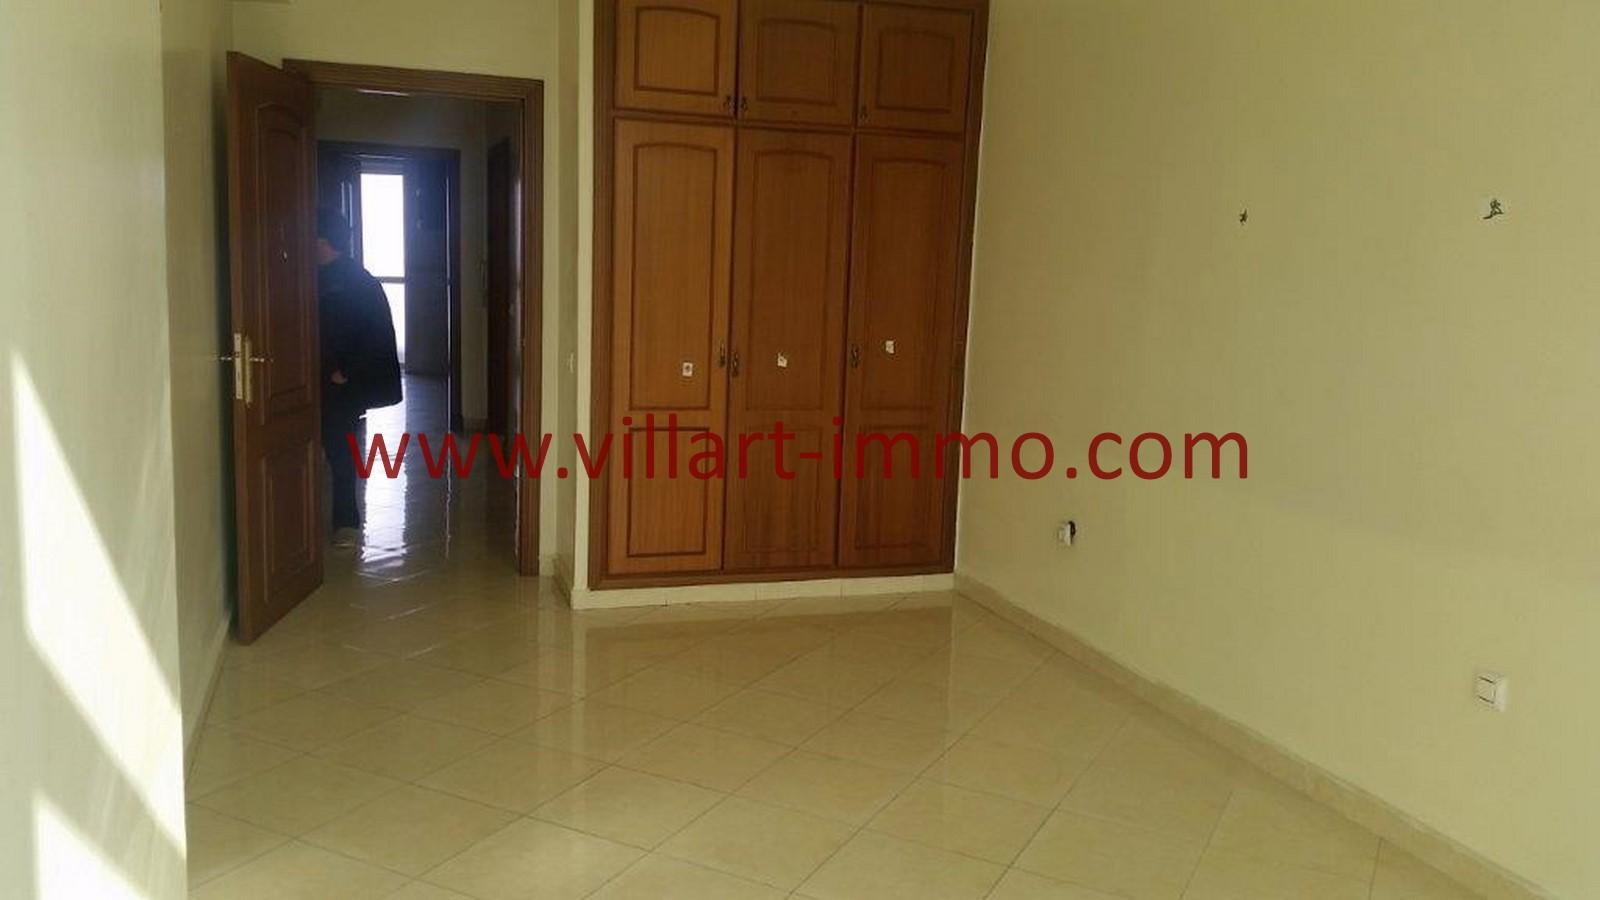 10-A louer-Tanger-Appartement-Non meublée-Centre ville-Chambre-L1029